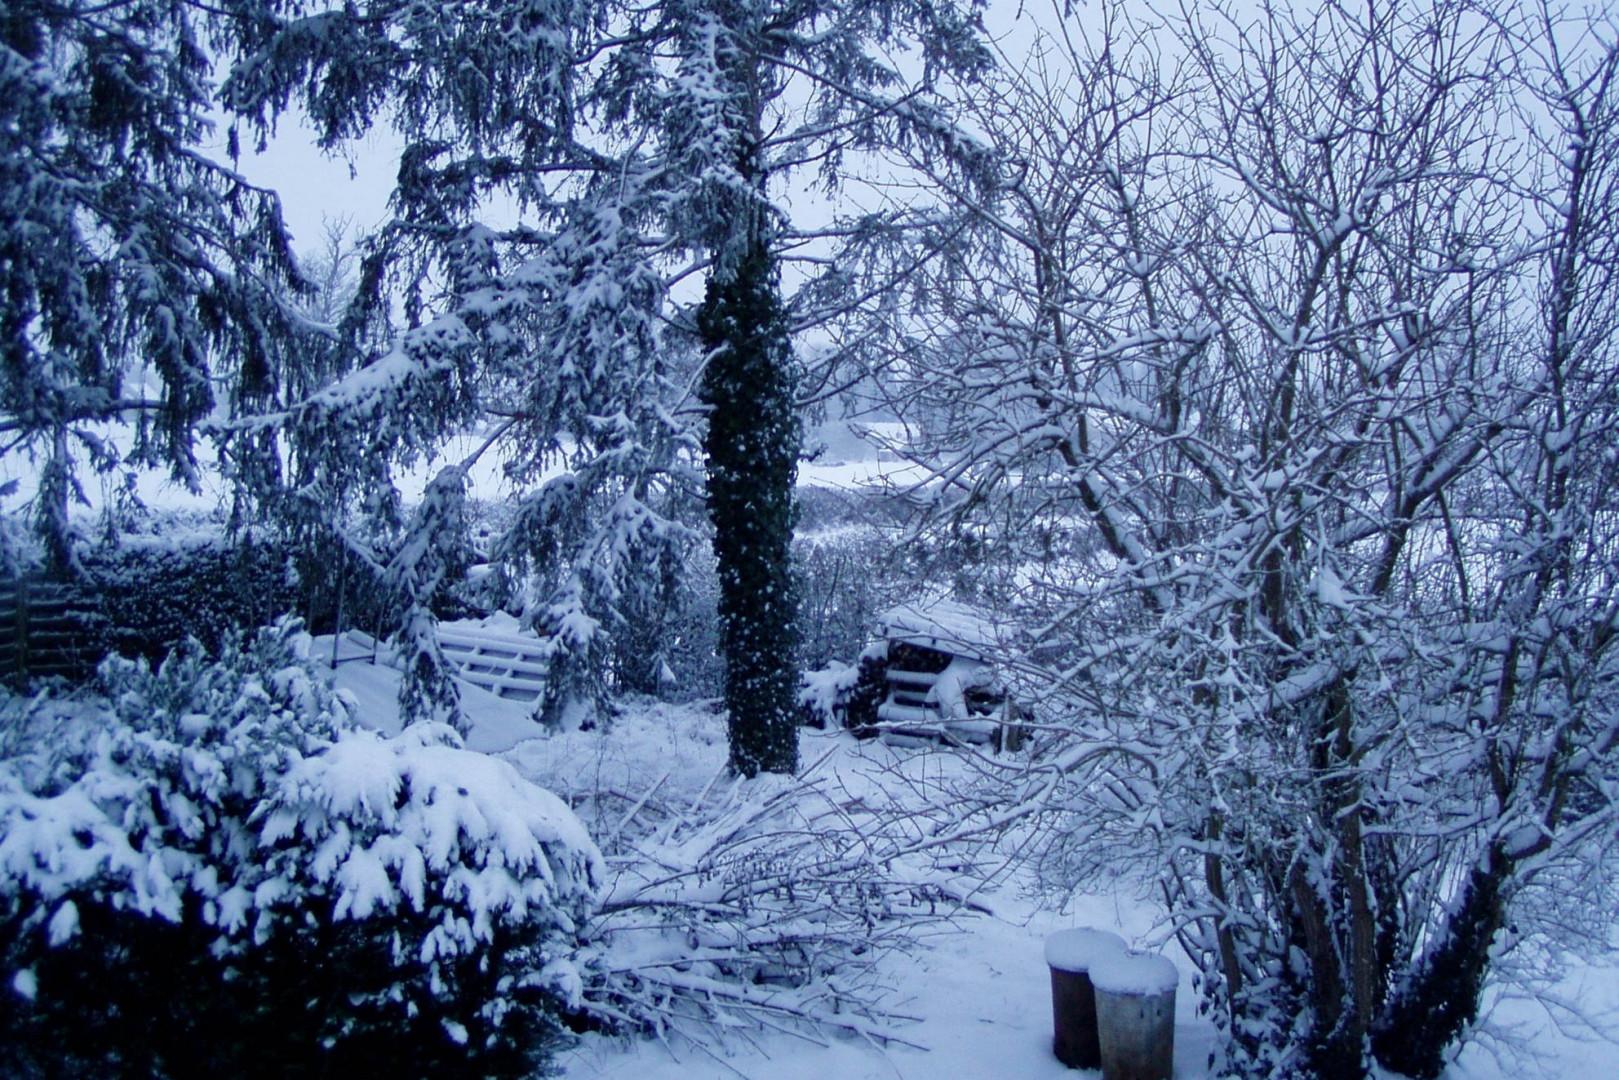 Neige à Lussat (Creuse) le 6 février 2018